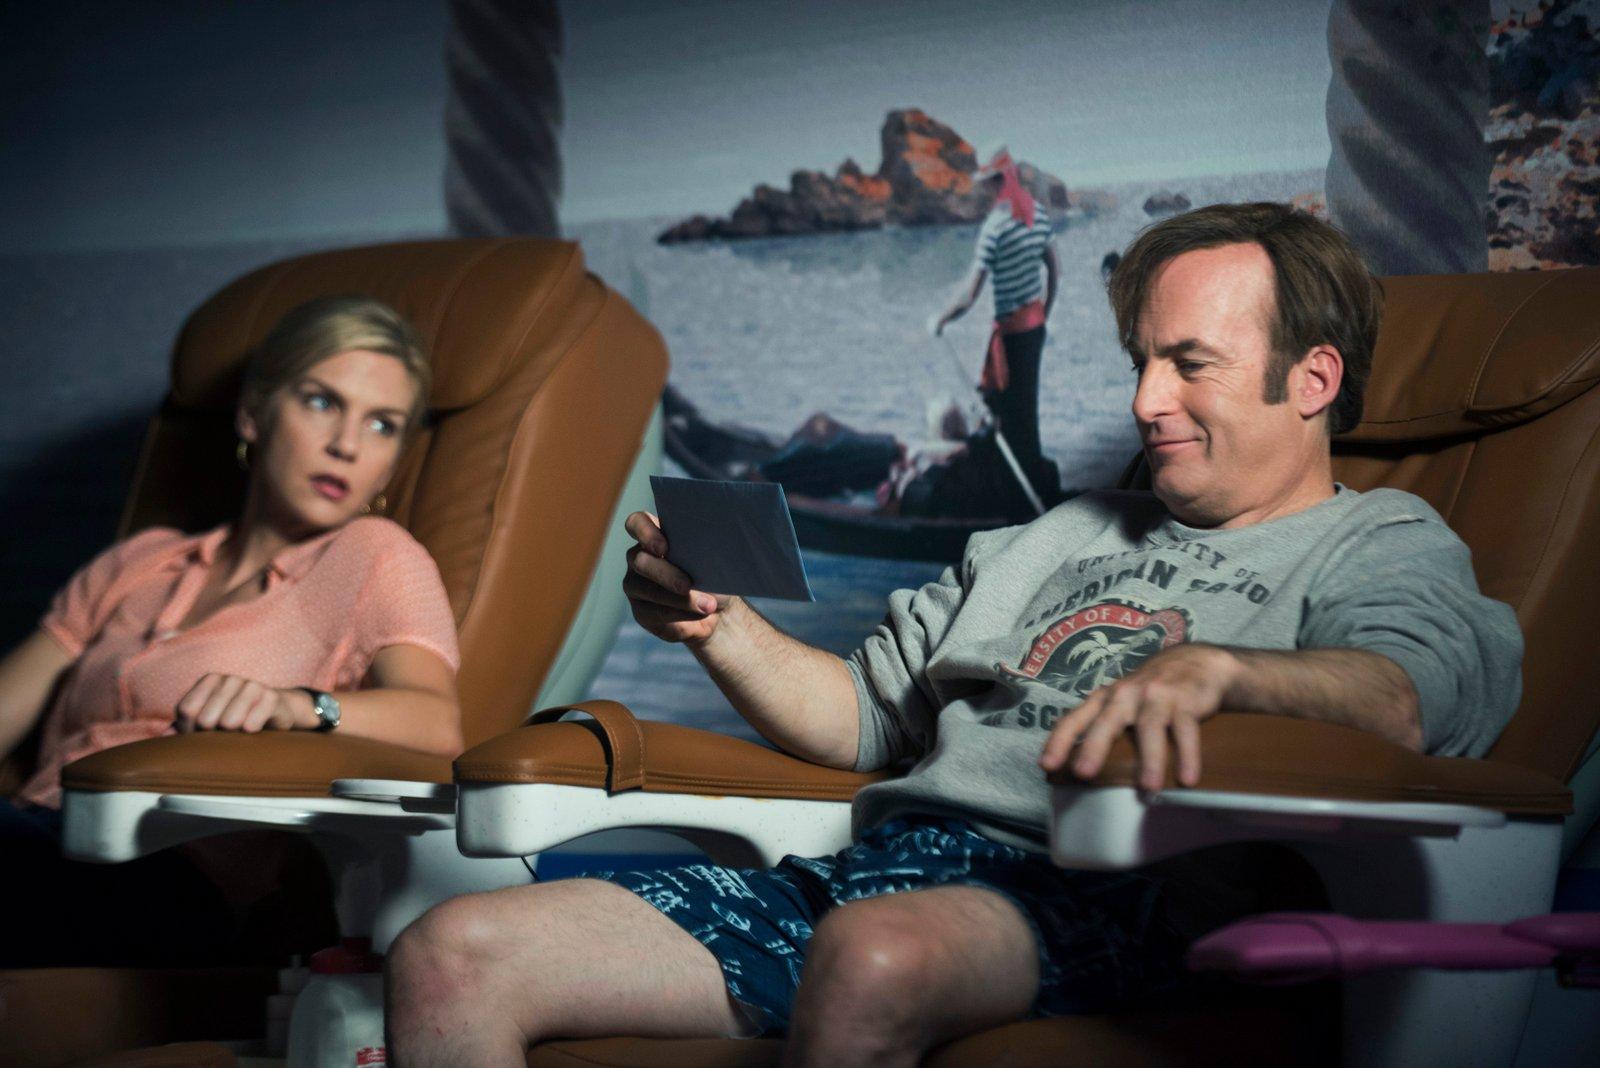 Better Call Saul Episode 1.4 Kimberly Wexler (Rhea Seehorn) Jimmy McGill (Bob Odenkirk)